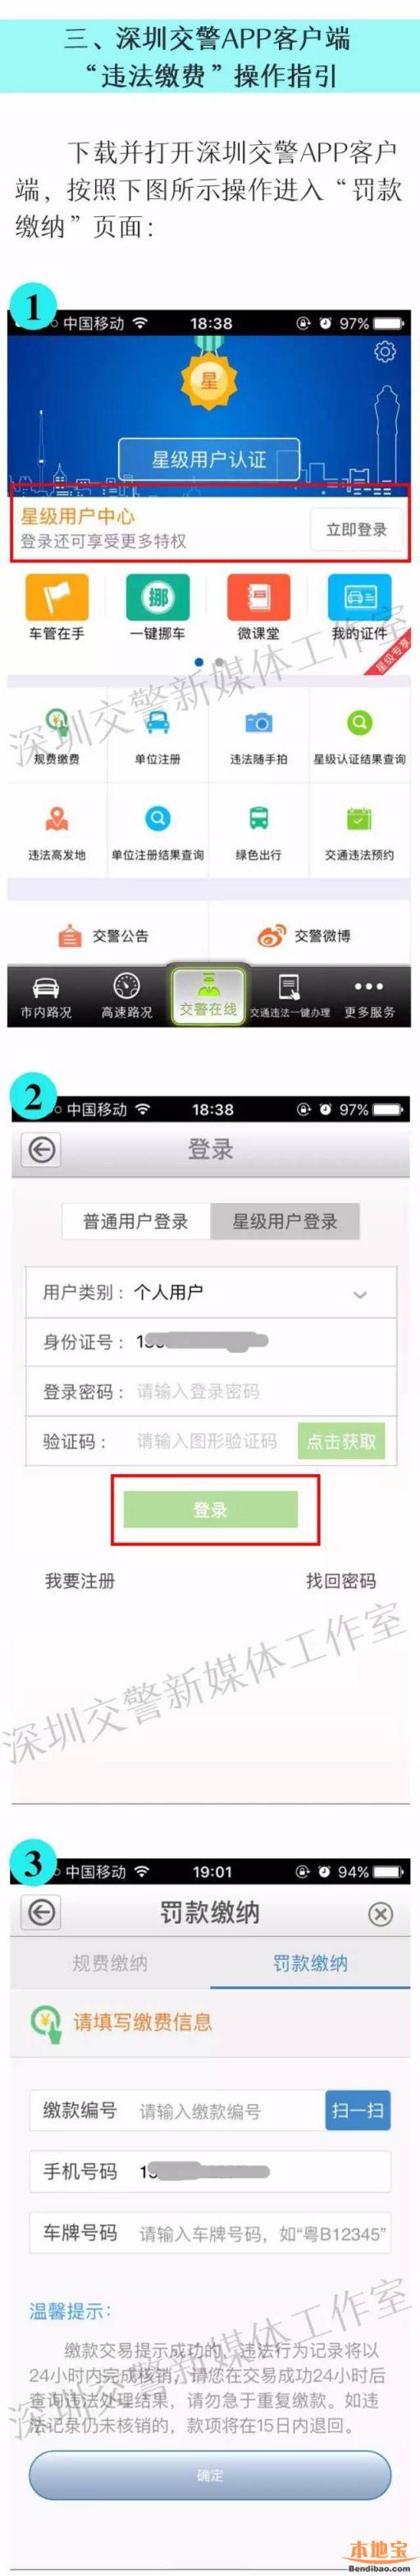 深圳交警星级用户交通违法缴费指南 轻松规避假罚单骗局